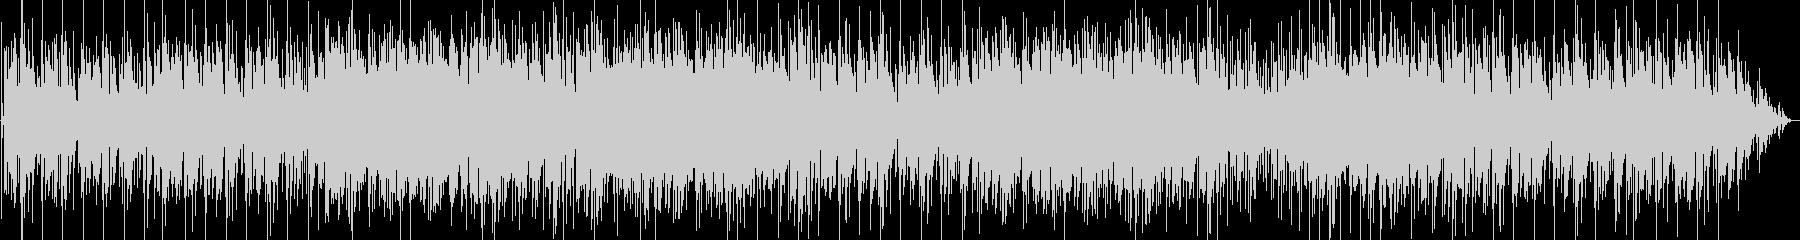 軽快なインスト曲、メロディはピアノ音の未再生の波形